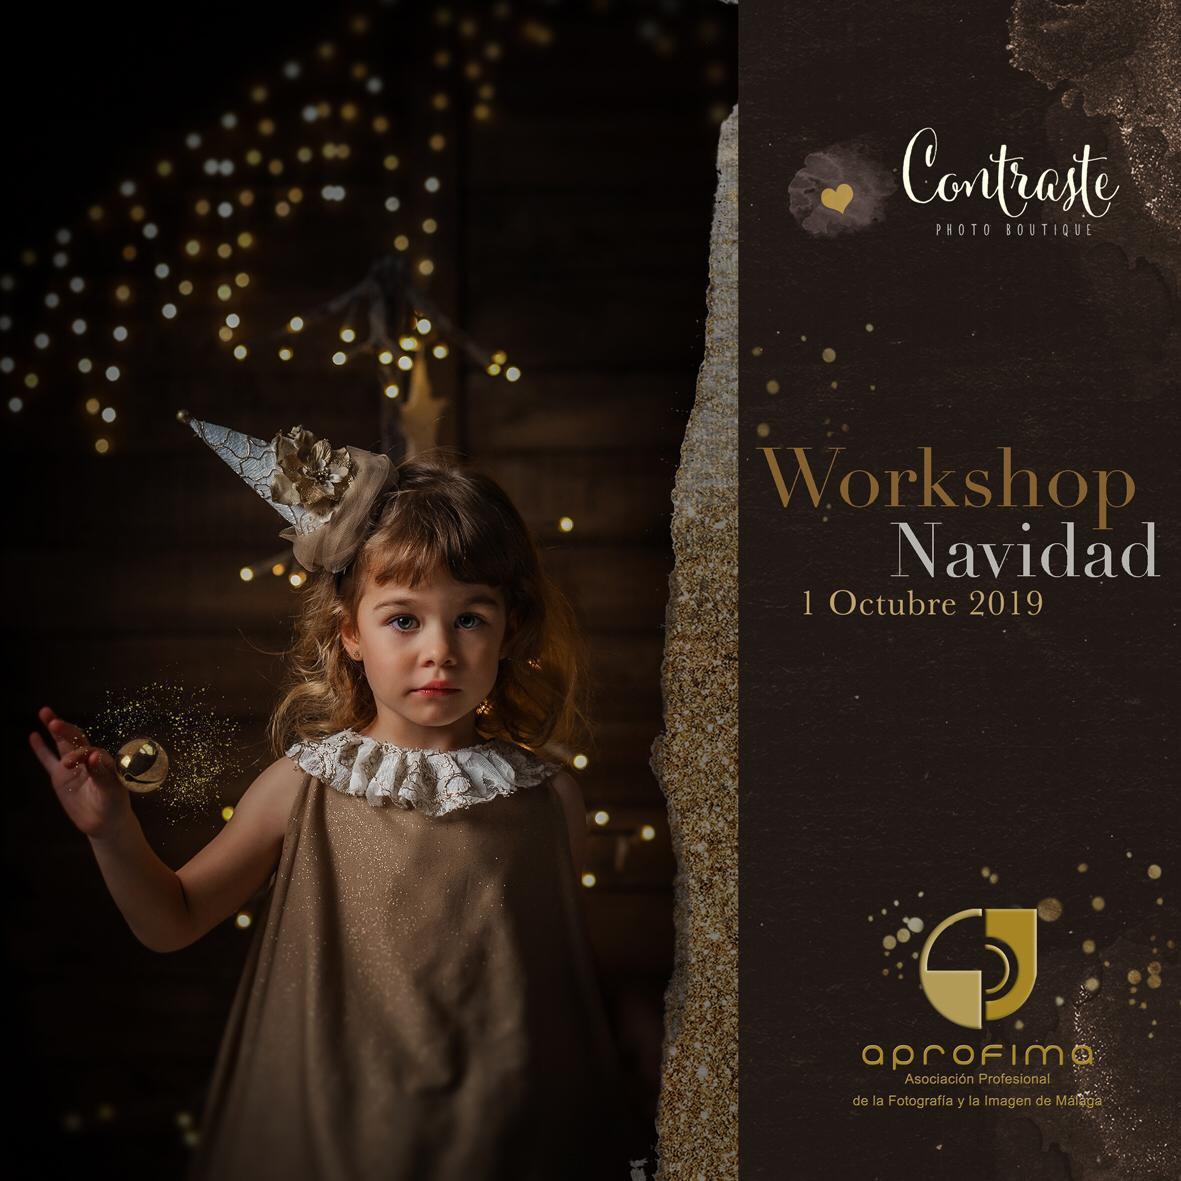 Workshop de Navidad APROFIMA en Málaga por Contraste